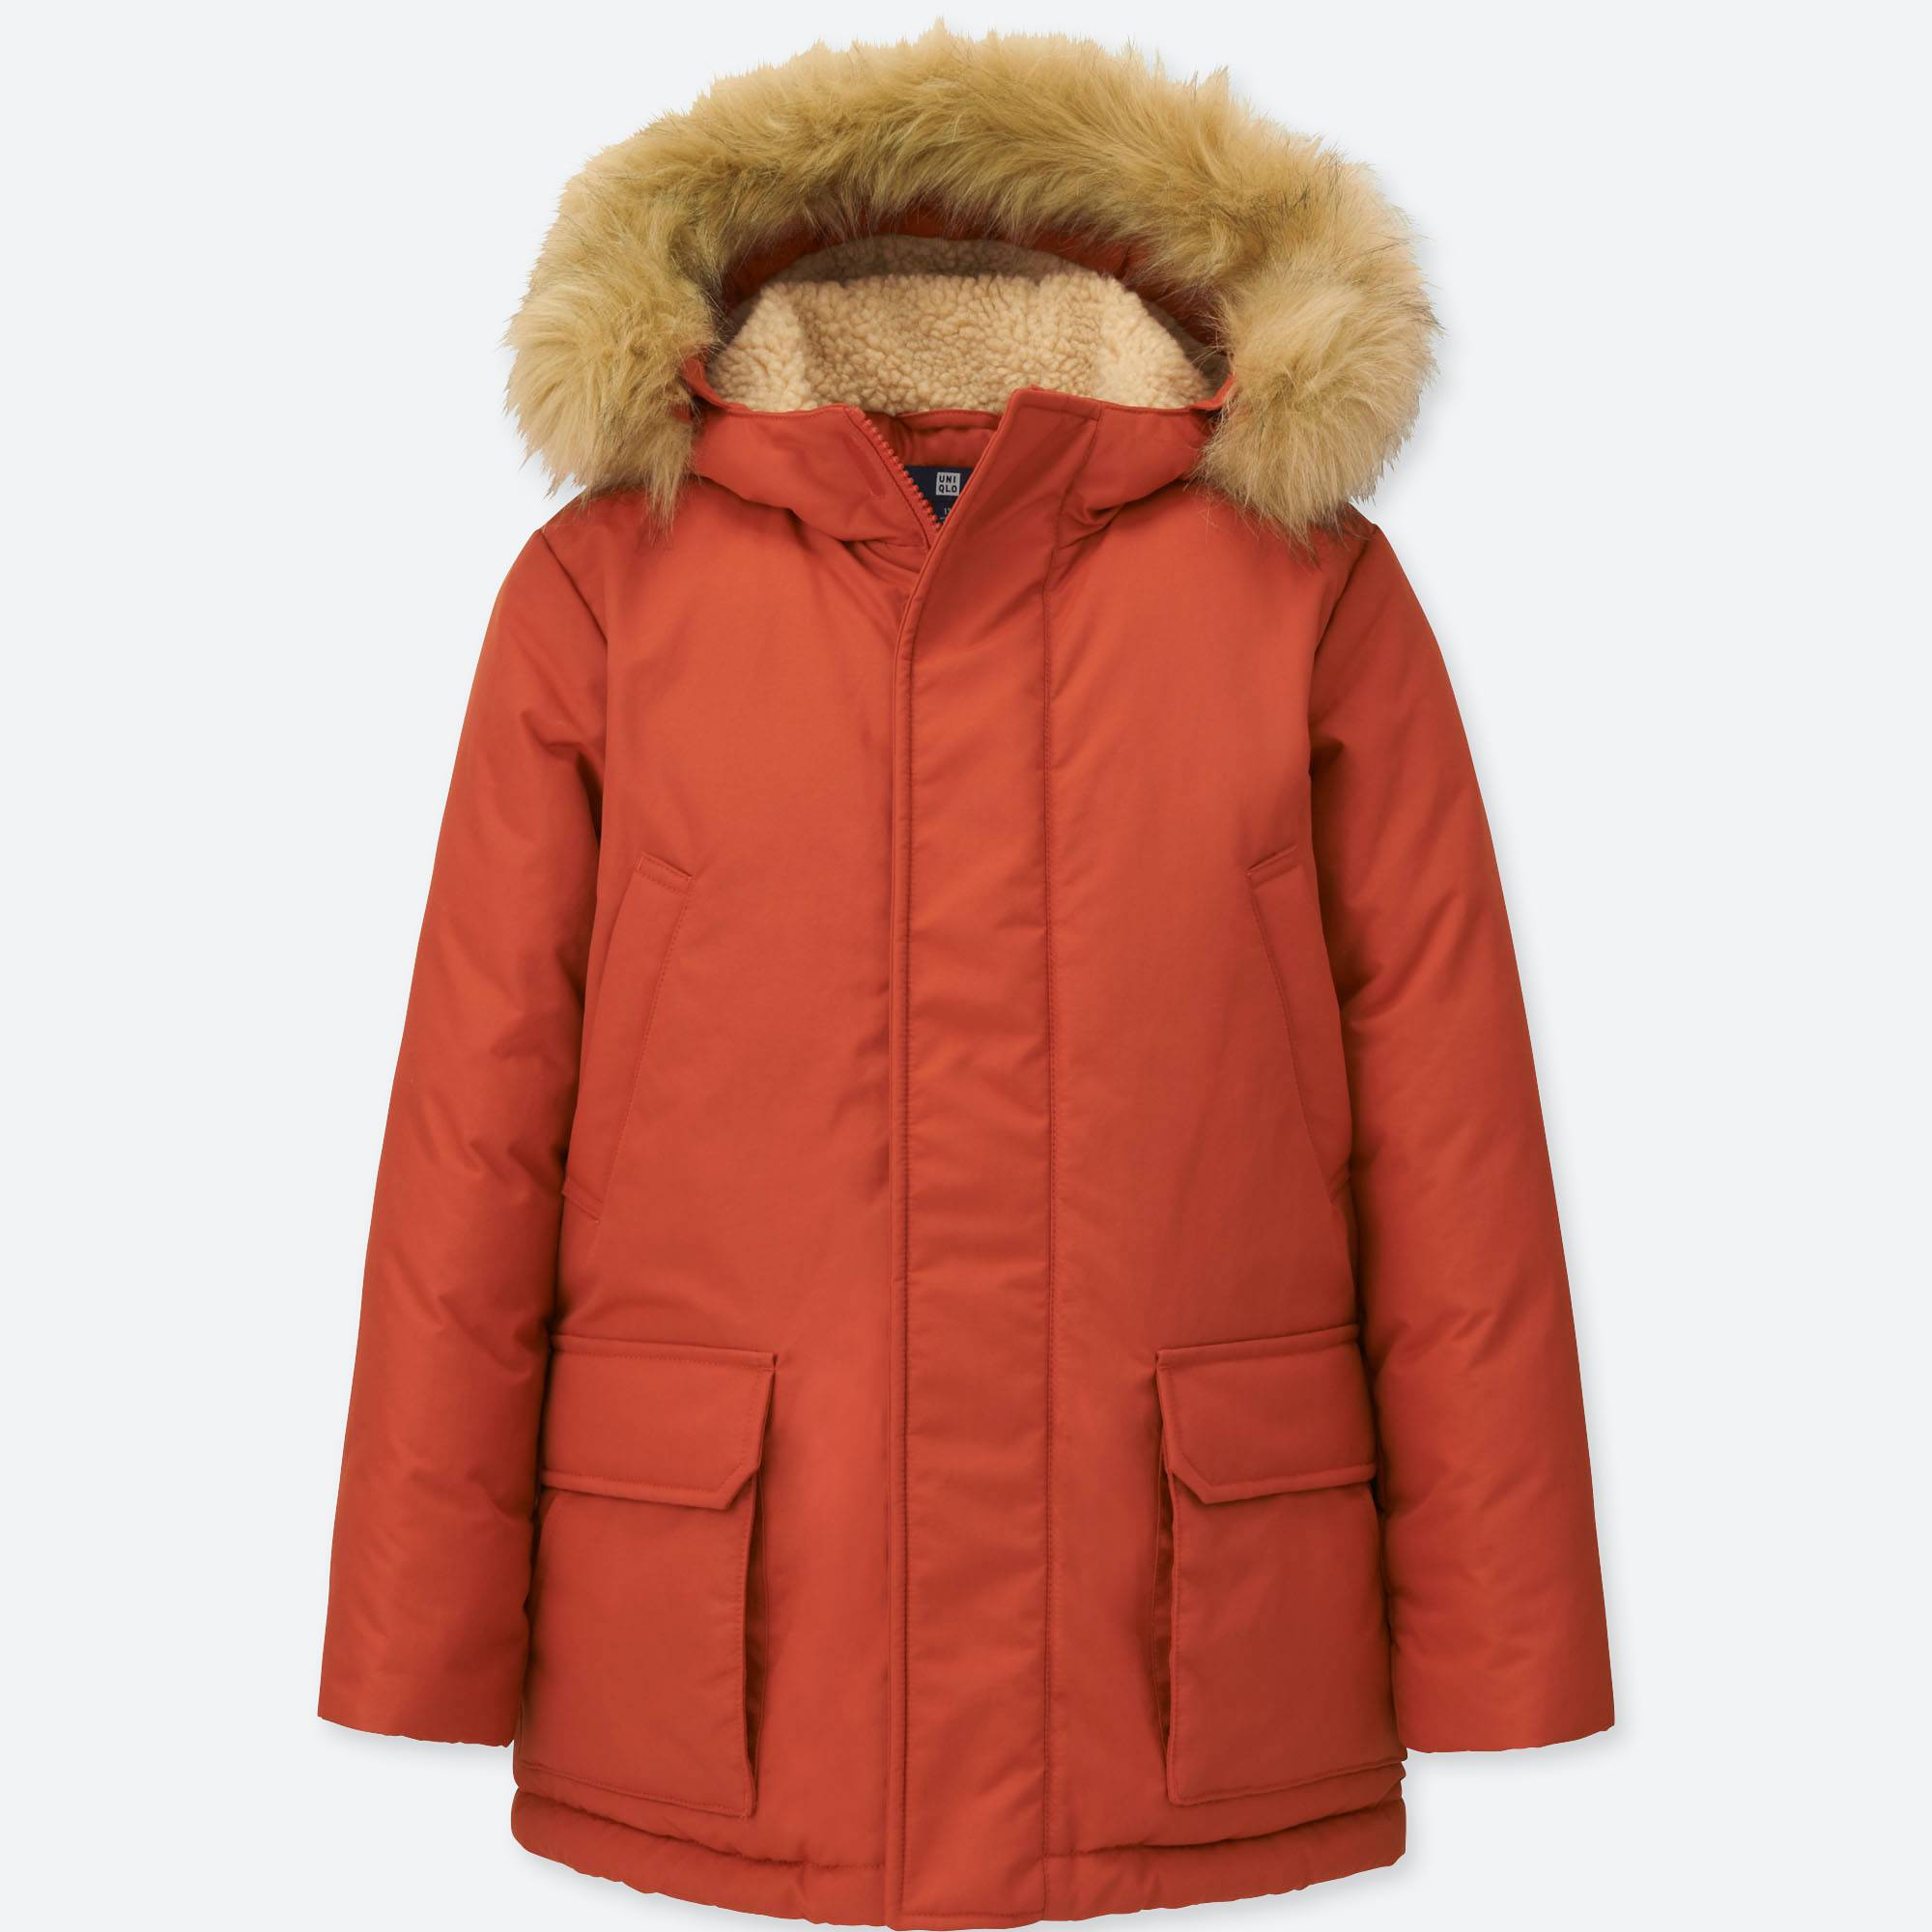 BOYS WARM PADDED COAT | UNIQLO US